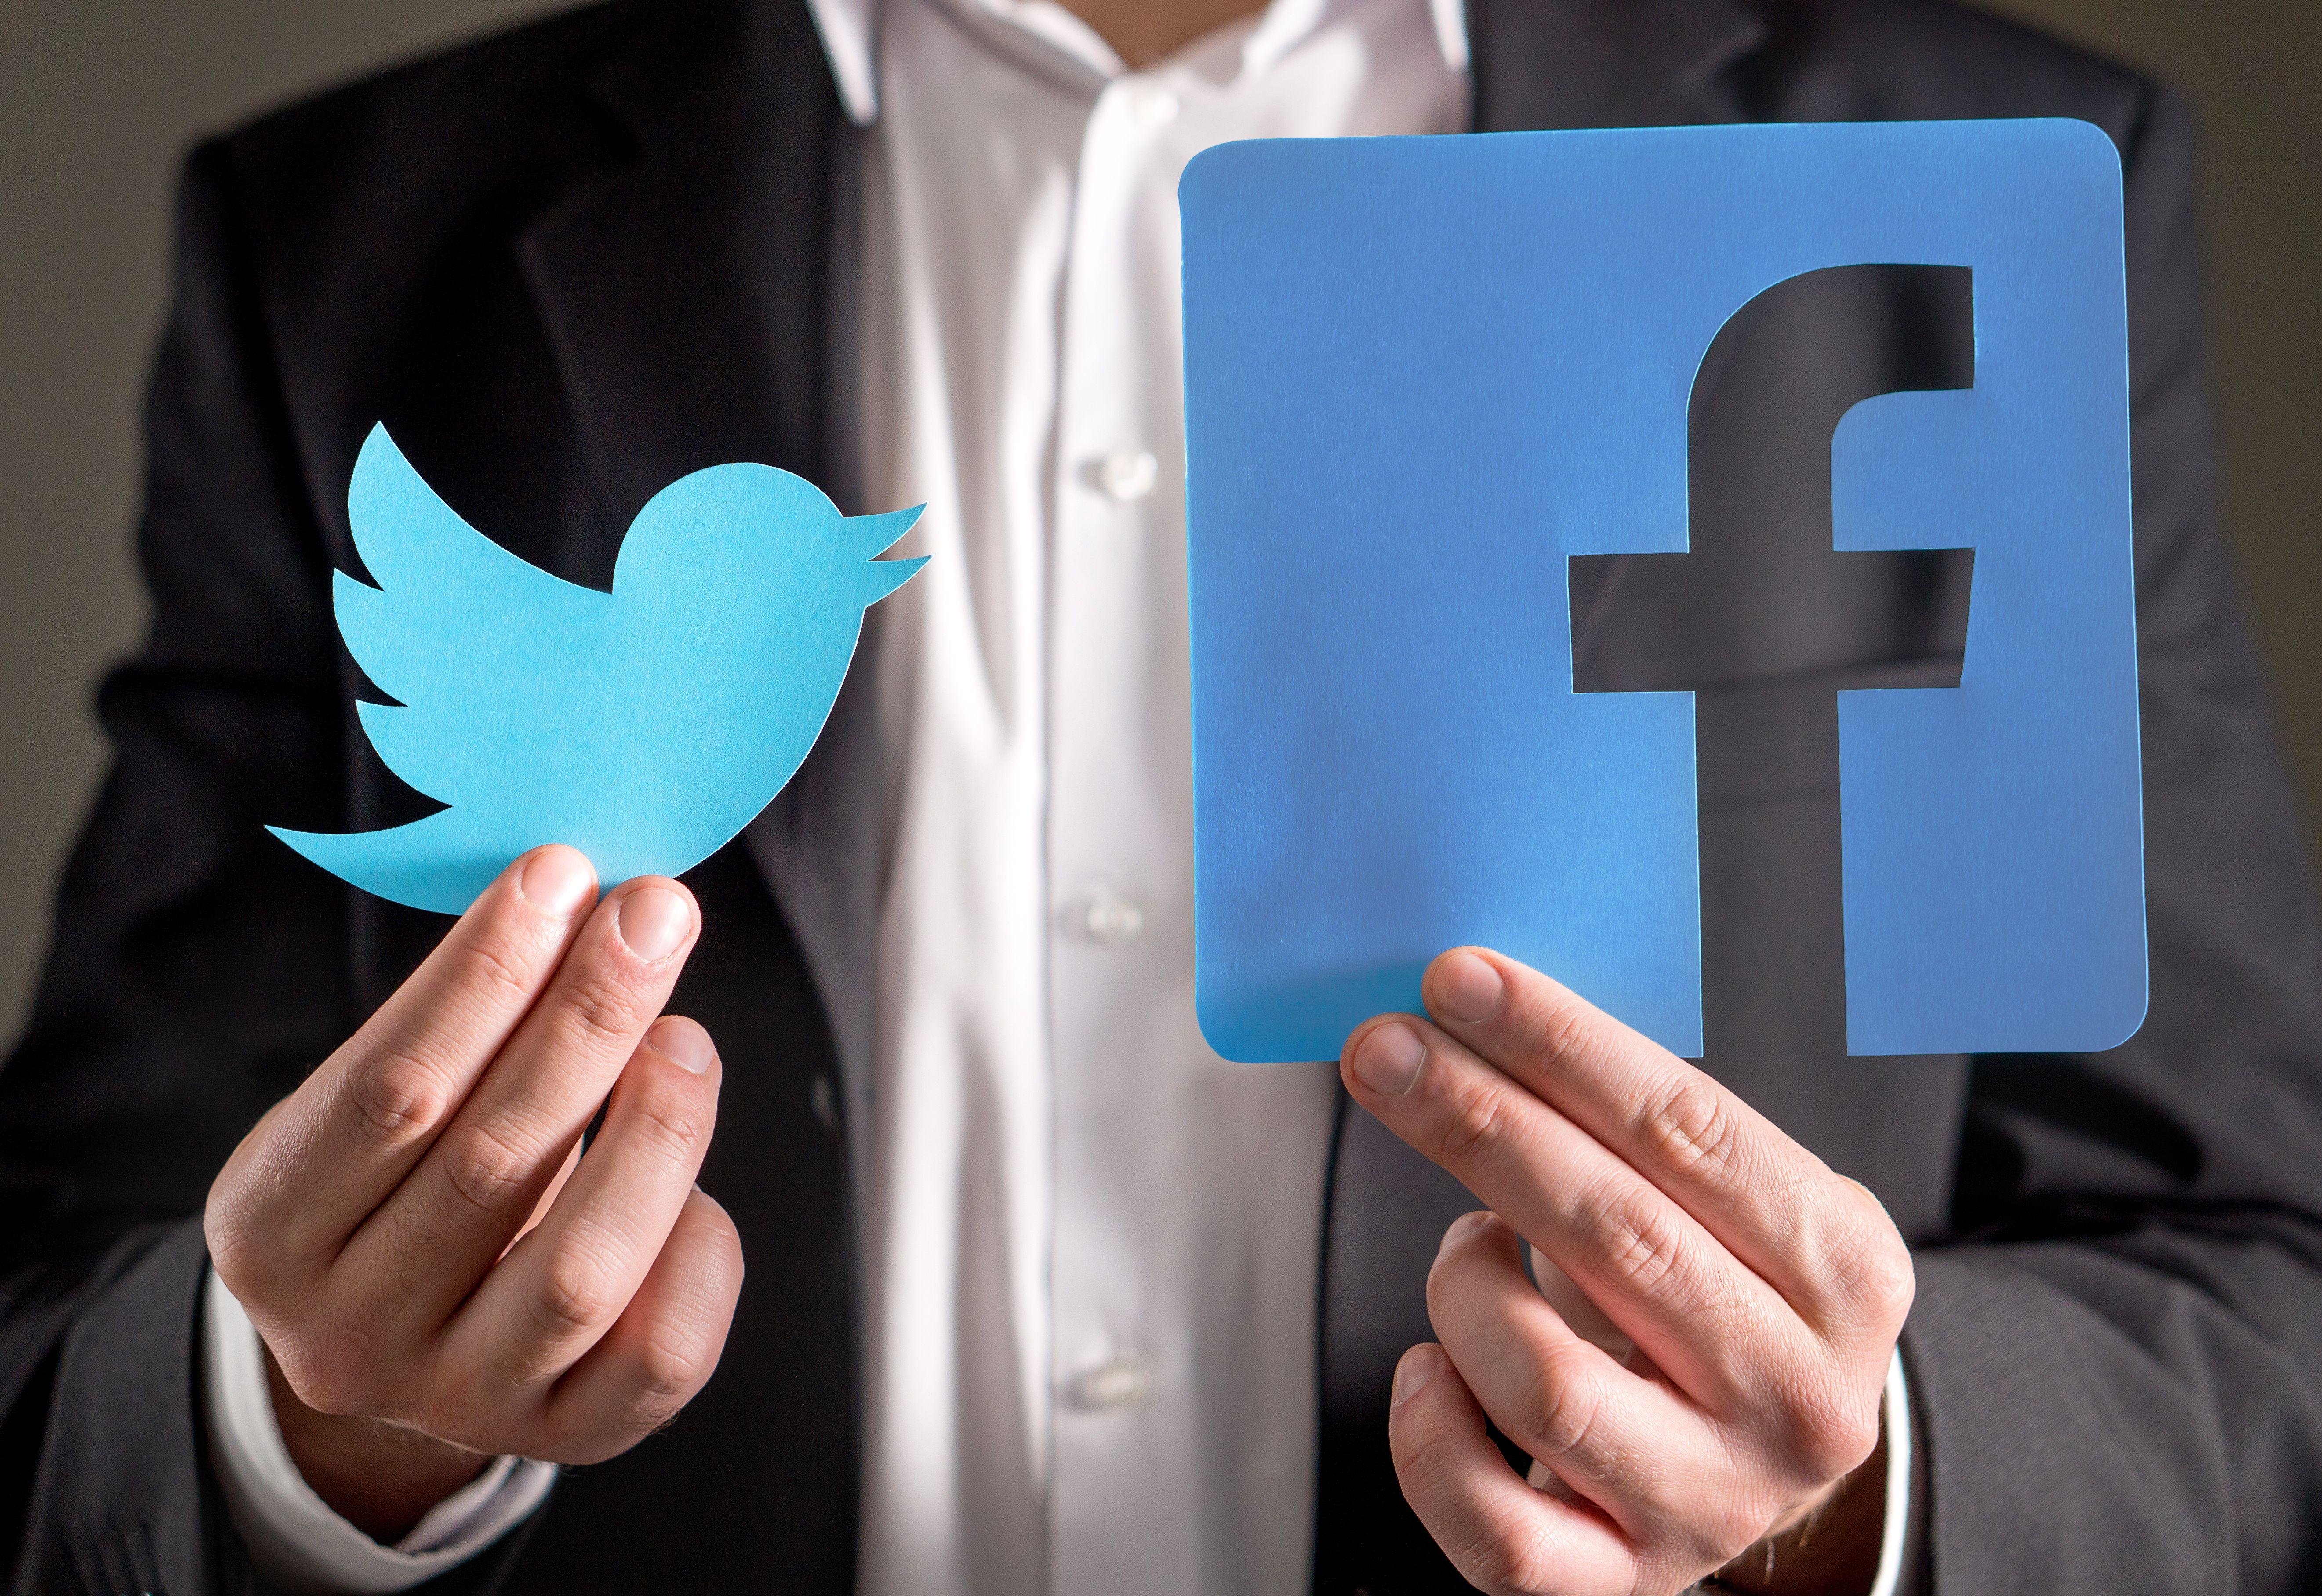 Twitter, Facebook и YouTube возглавили антирейтинг интернет-площадок с деструктивным контентом